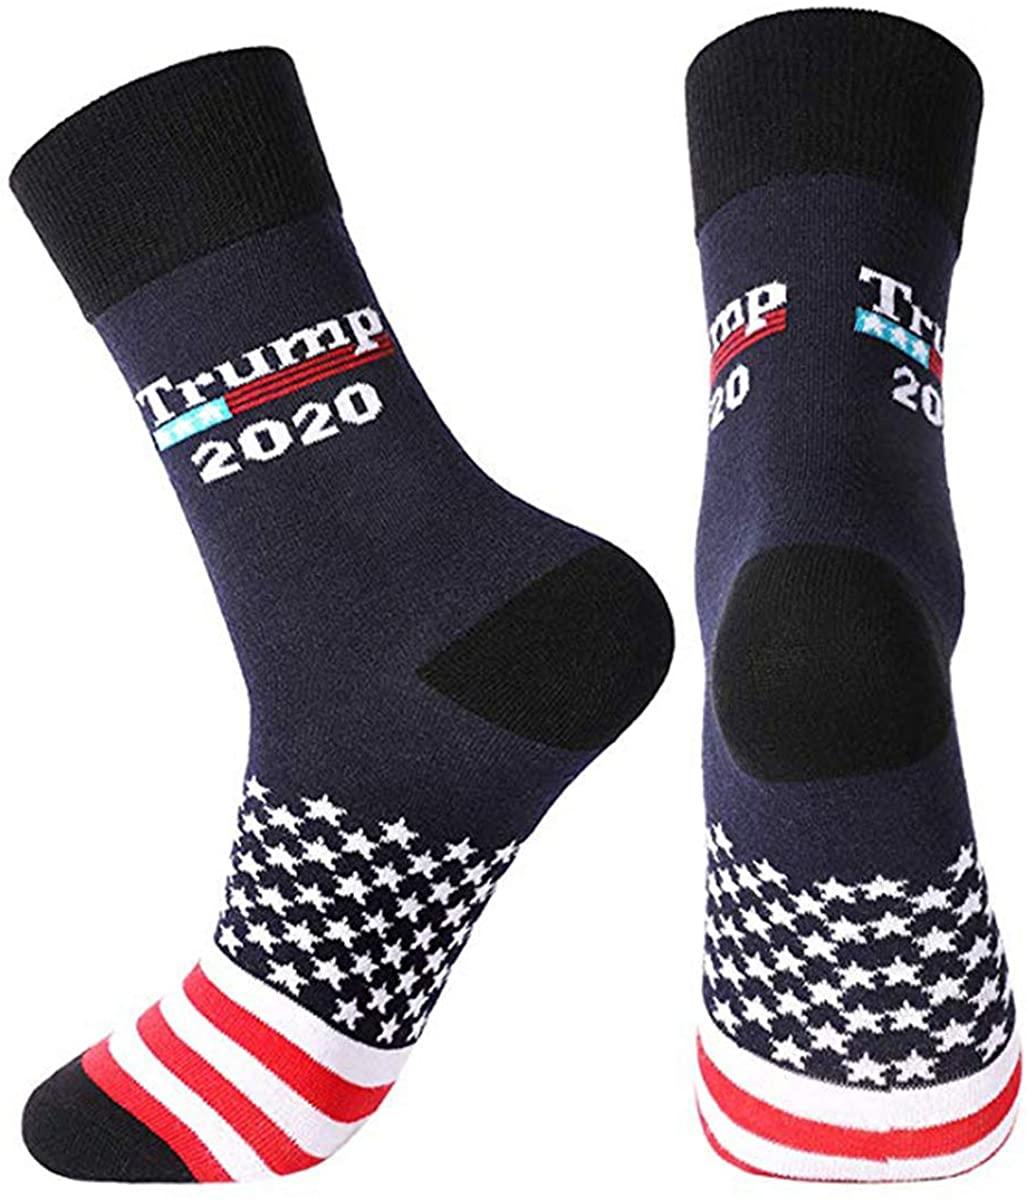 2020 Fun Socks American Men Women Crew Ankle Socks America President Novelty Dress Socks